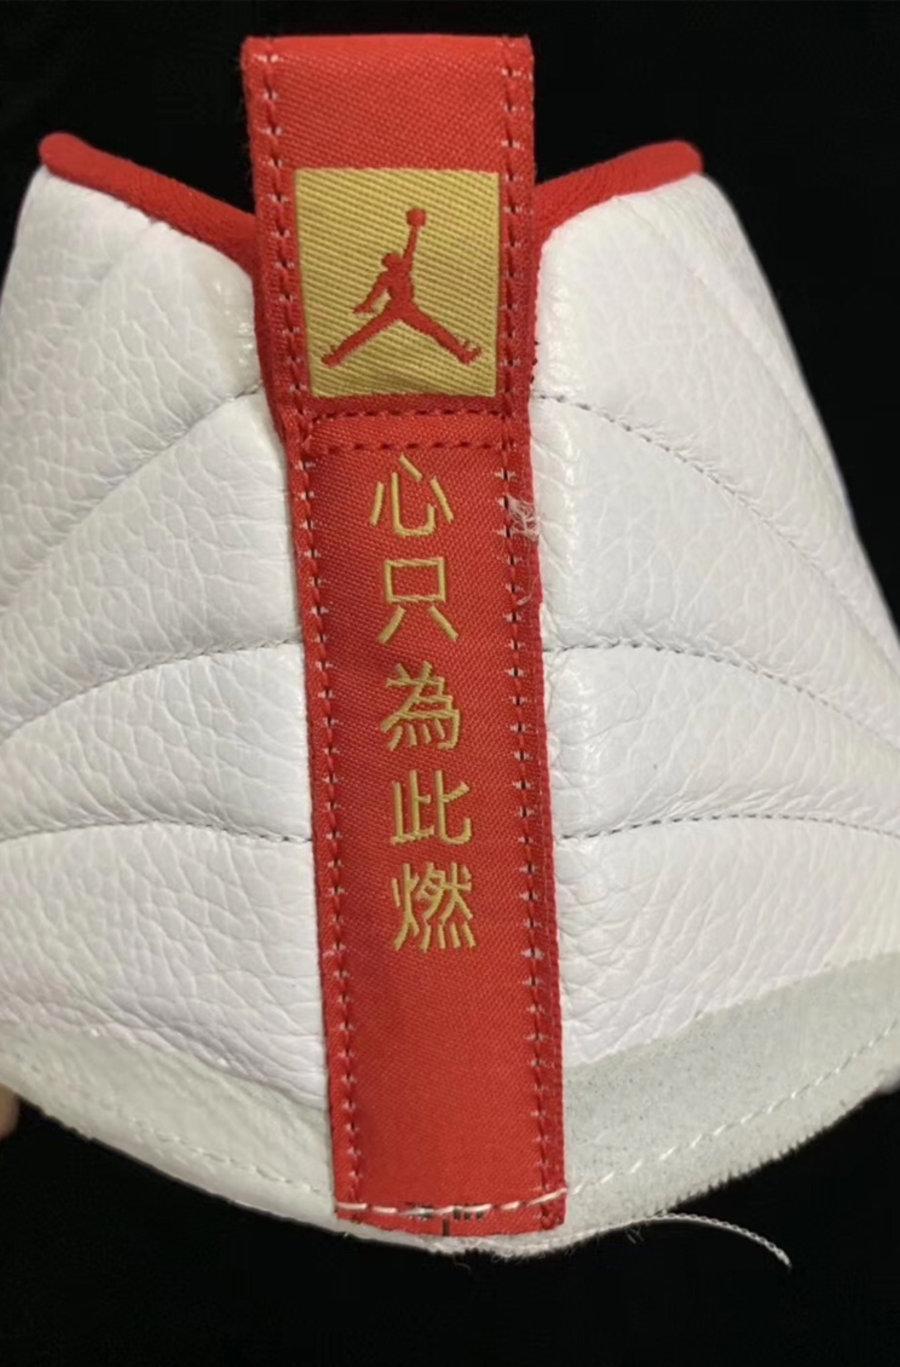 Air Jordan 12,AJ12,发售,130690-1  剪影纹饰 + 中文标签!Air Jordan 12 FIBA 谍照首度曝光!